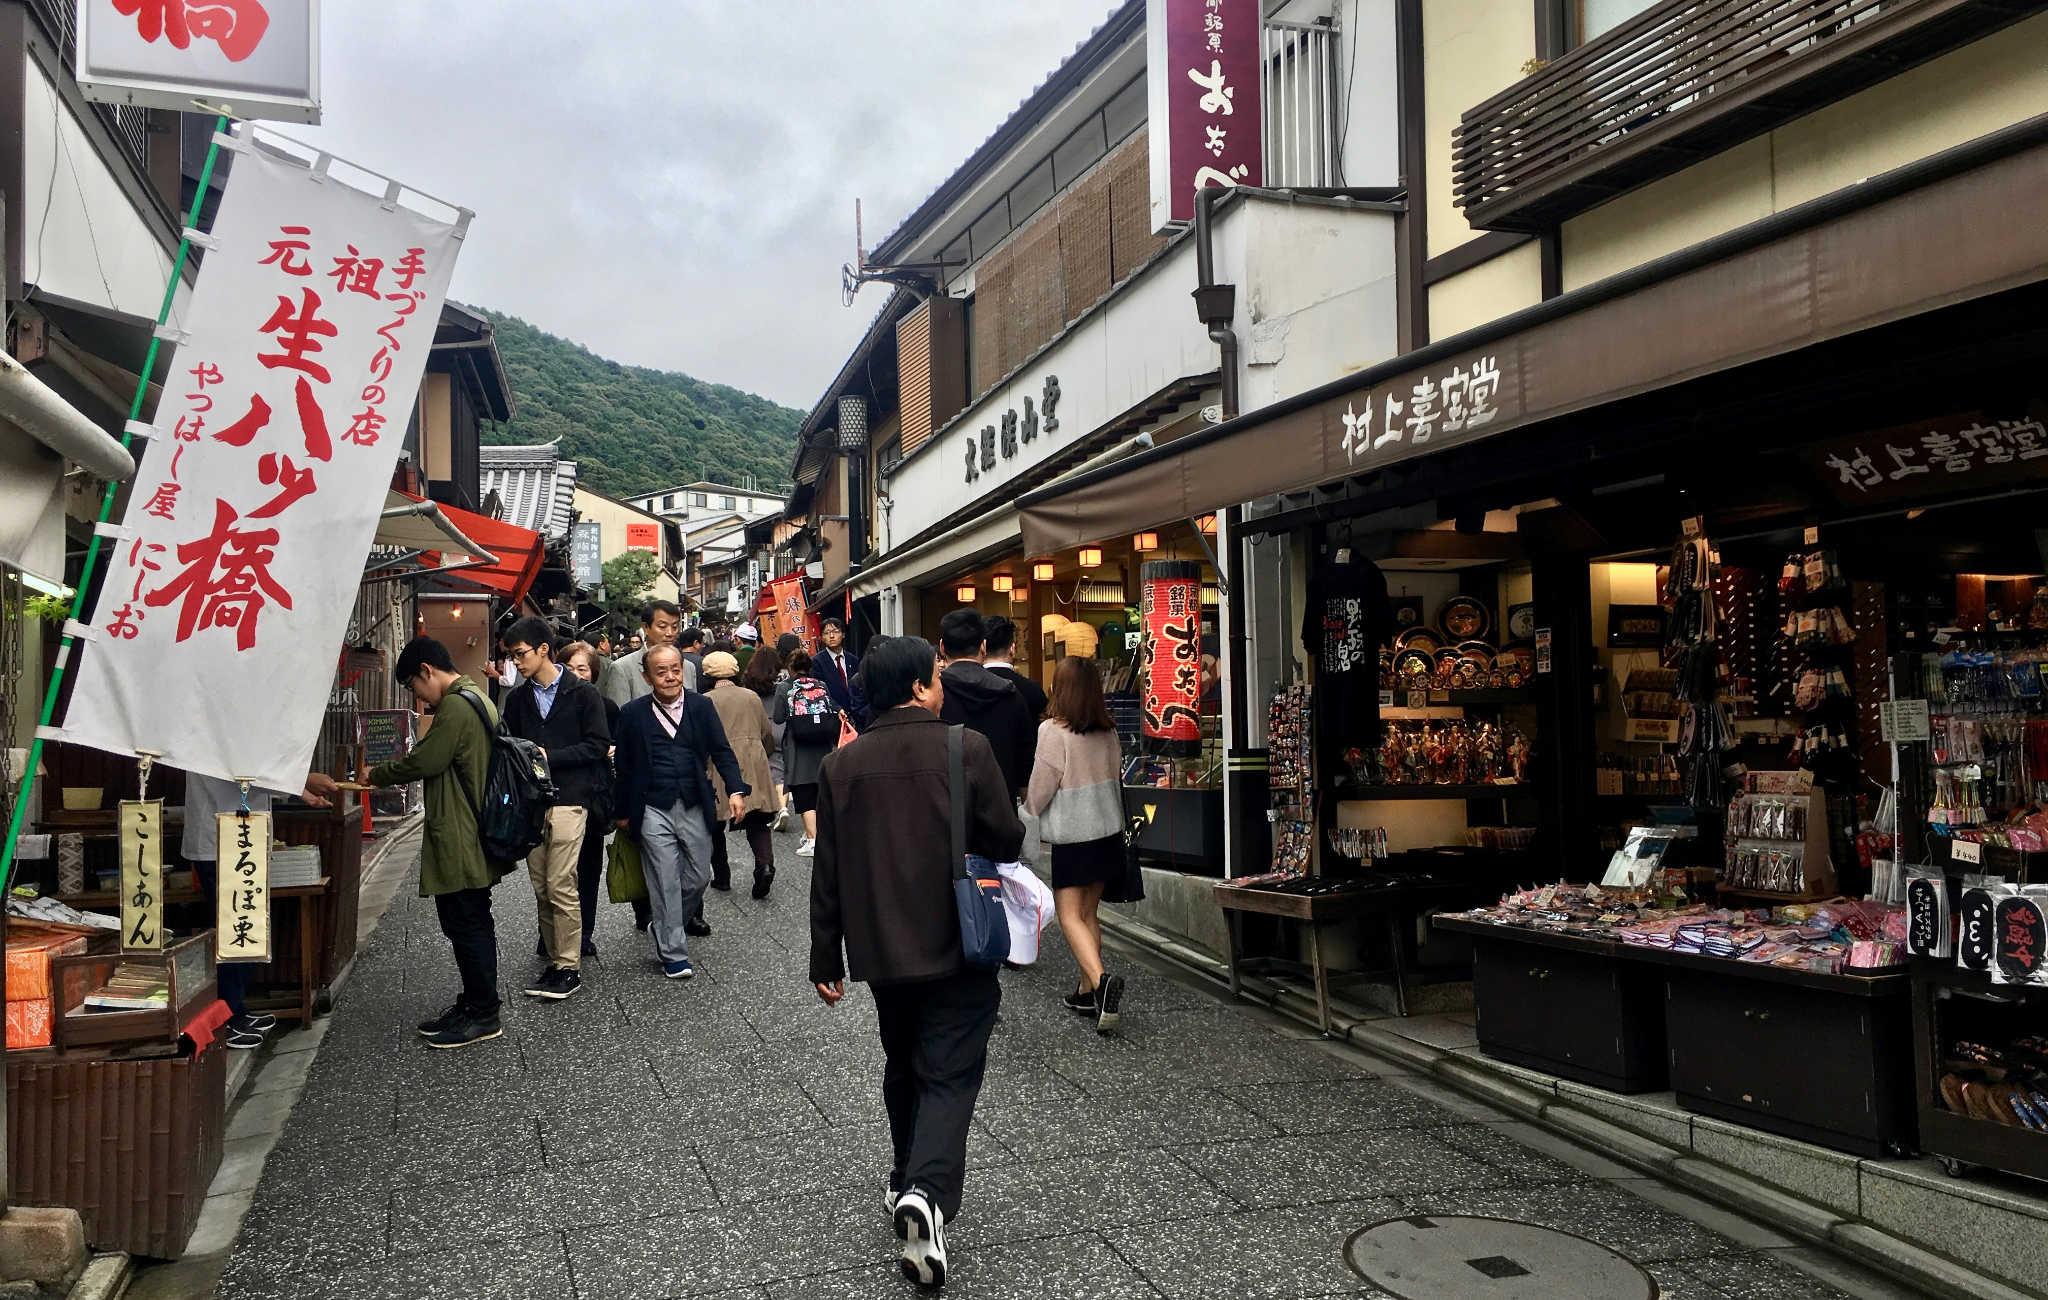 C'est un endroit idéal pour ramener des souvenirs du Japon